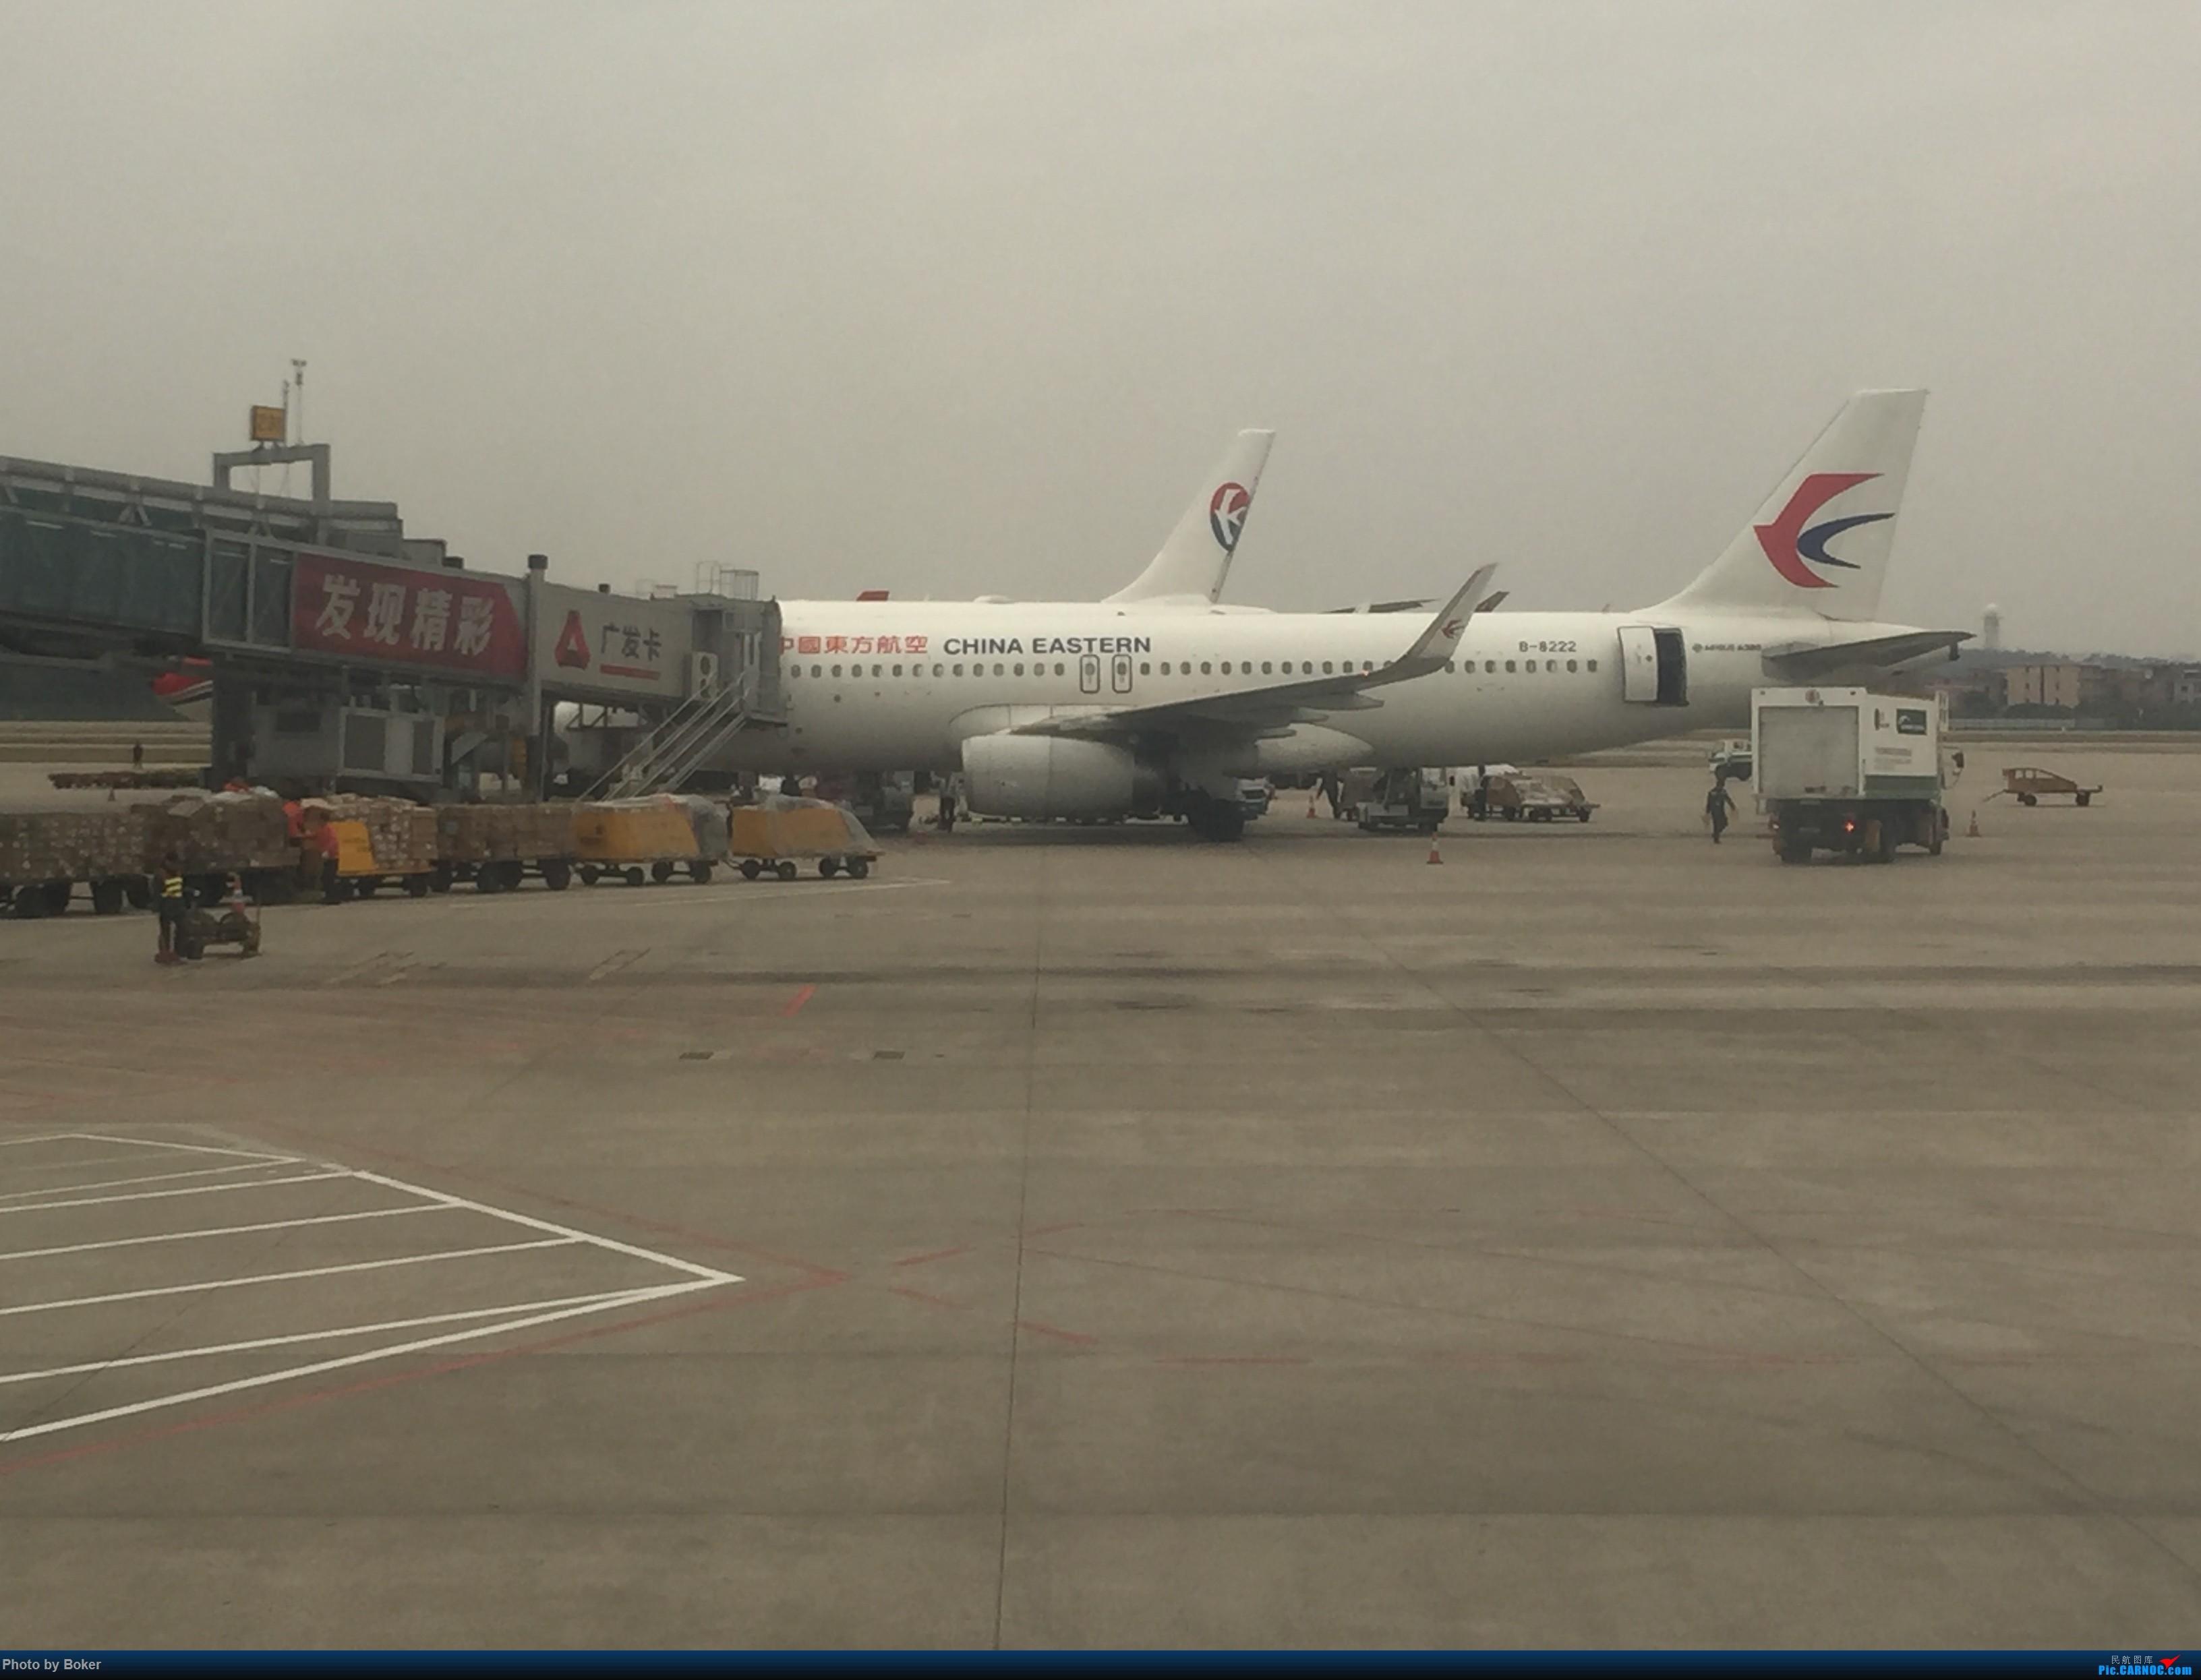 Re:[原创]「BoKer的飞行游记」新人首次发帖 中国东方航空 广州-台州 AIRBUS A320-200 B-8222 中国广州白云国际机场